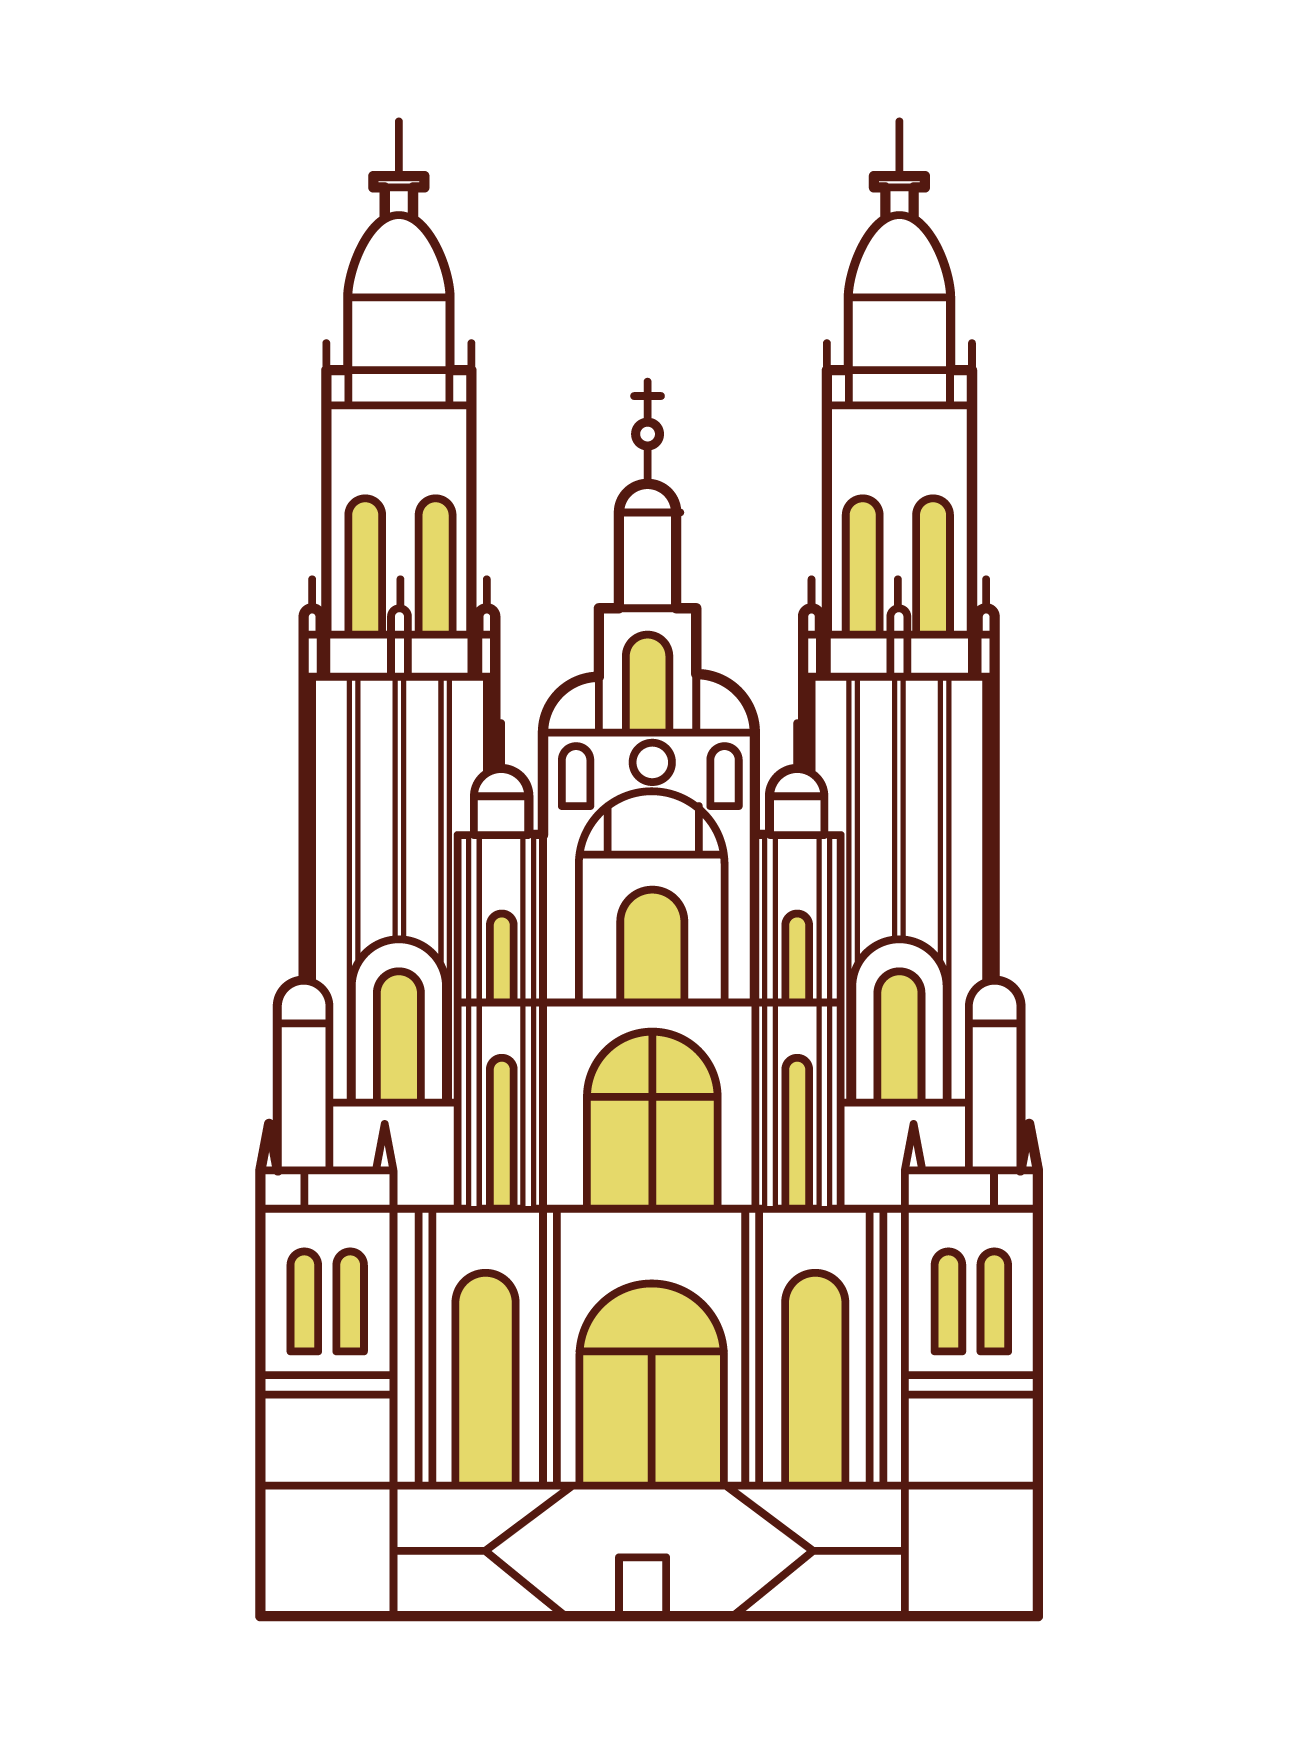 サンティアゴ・デ・コンポステーラ大聖堂のイラスト